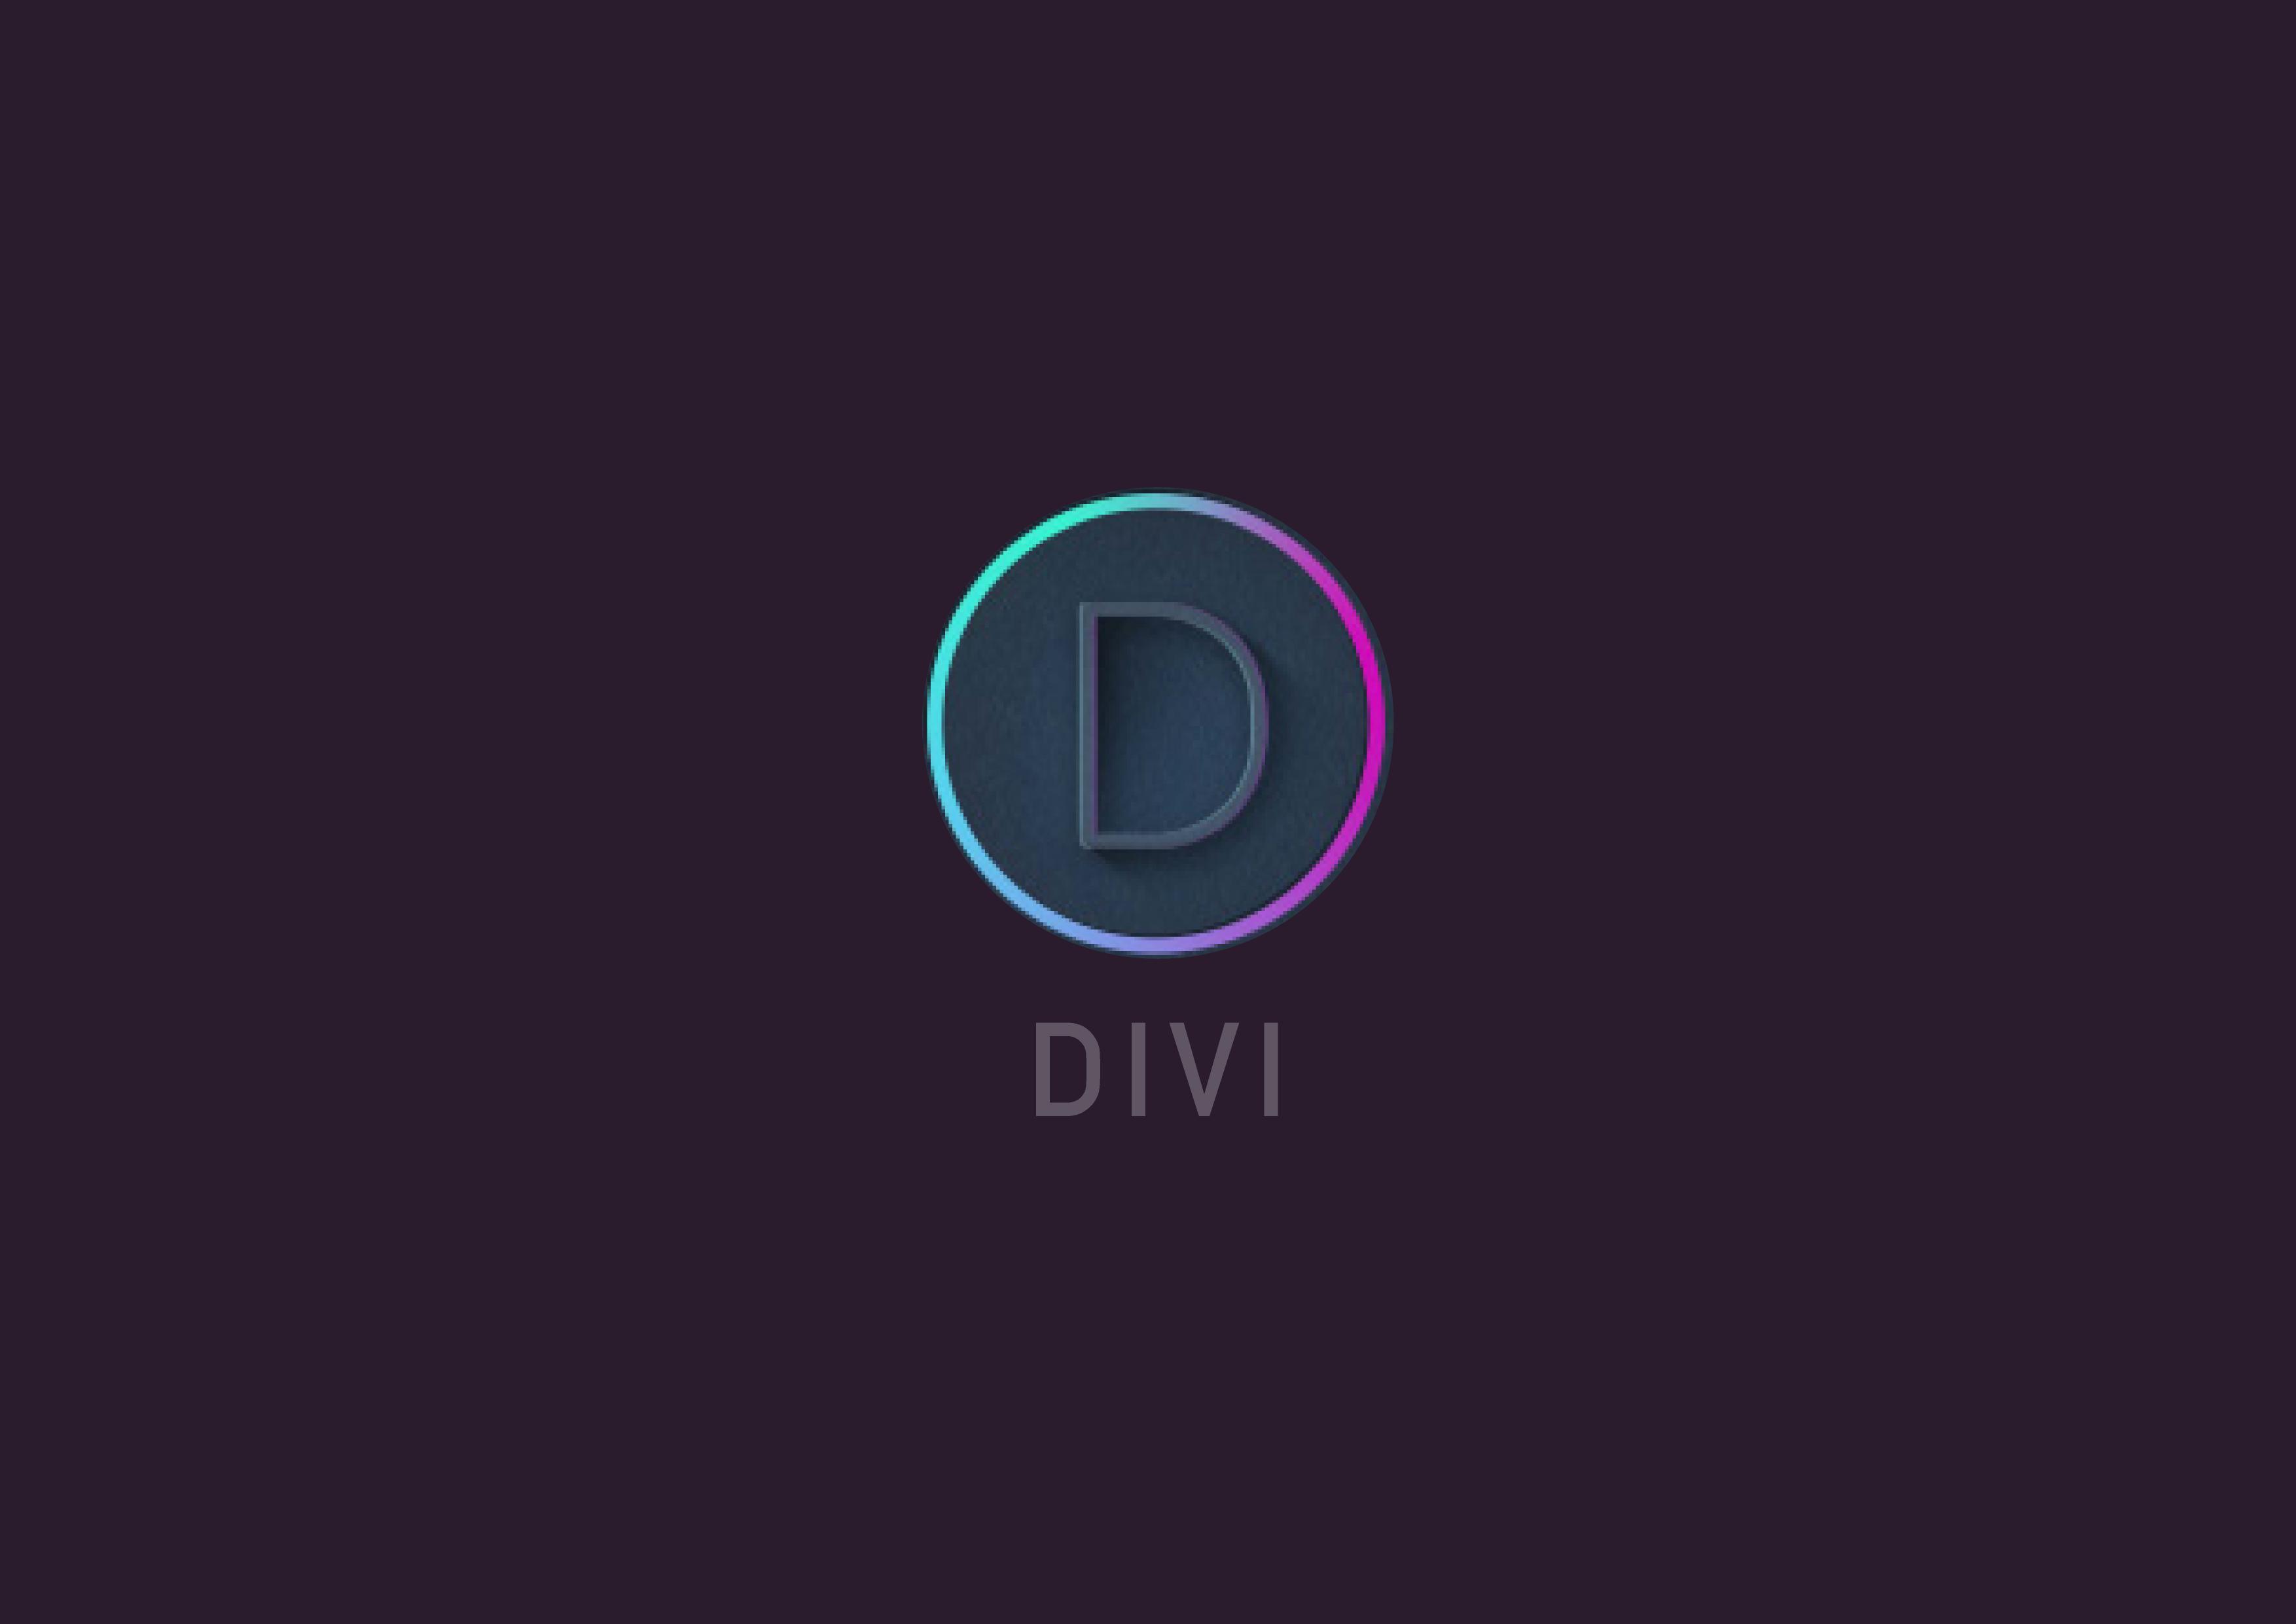 divi image02 01